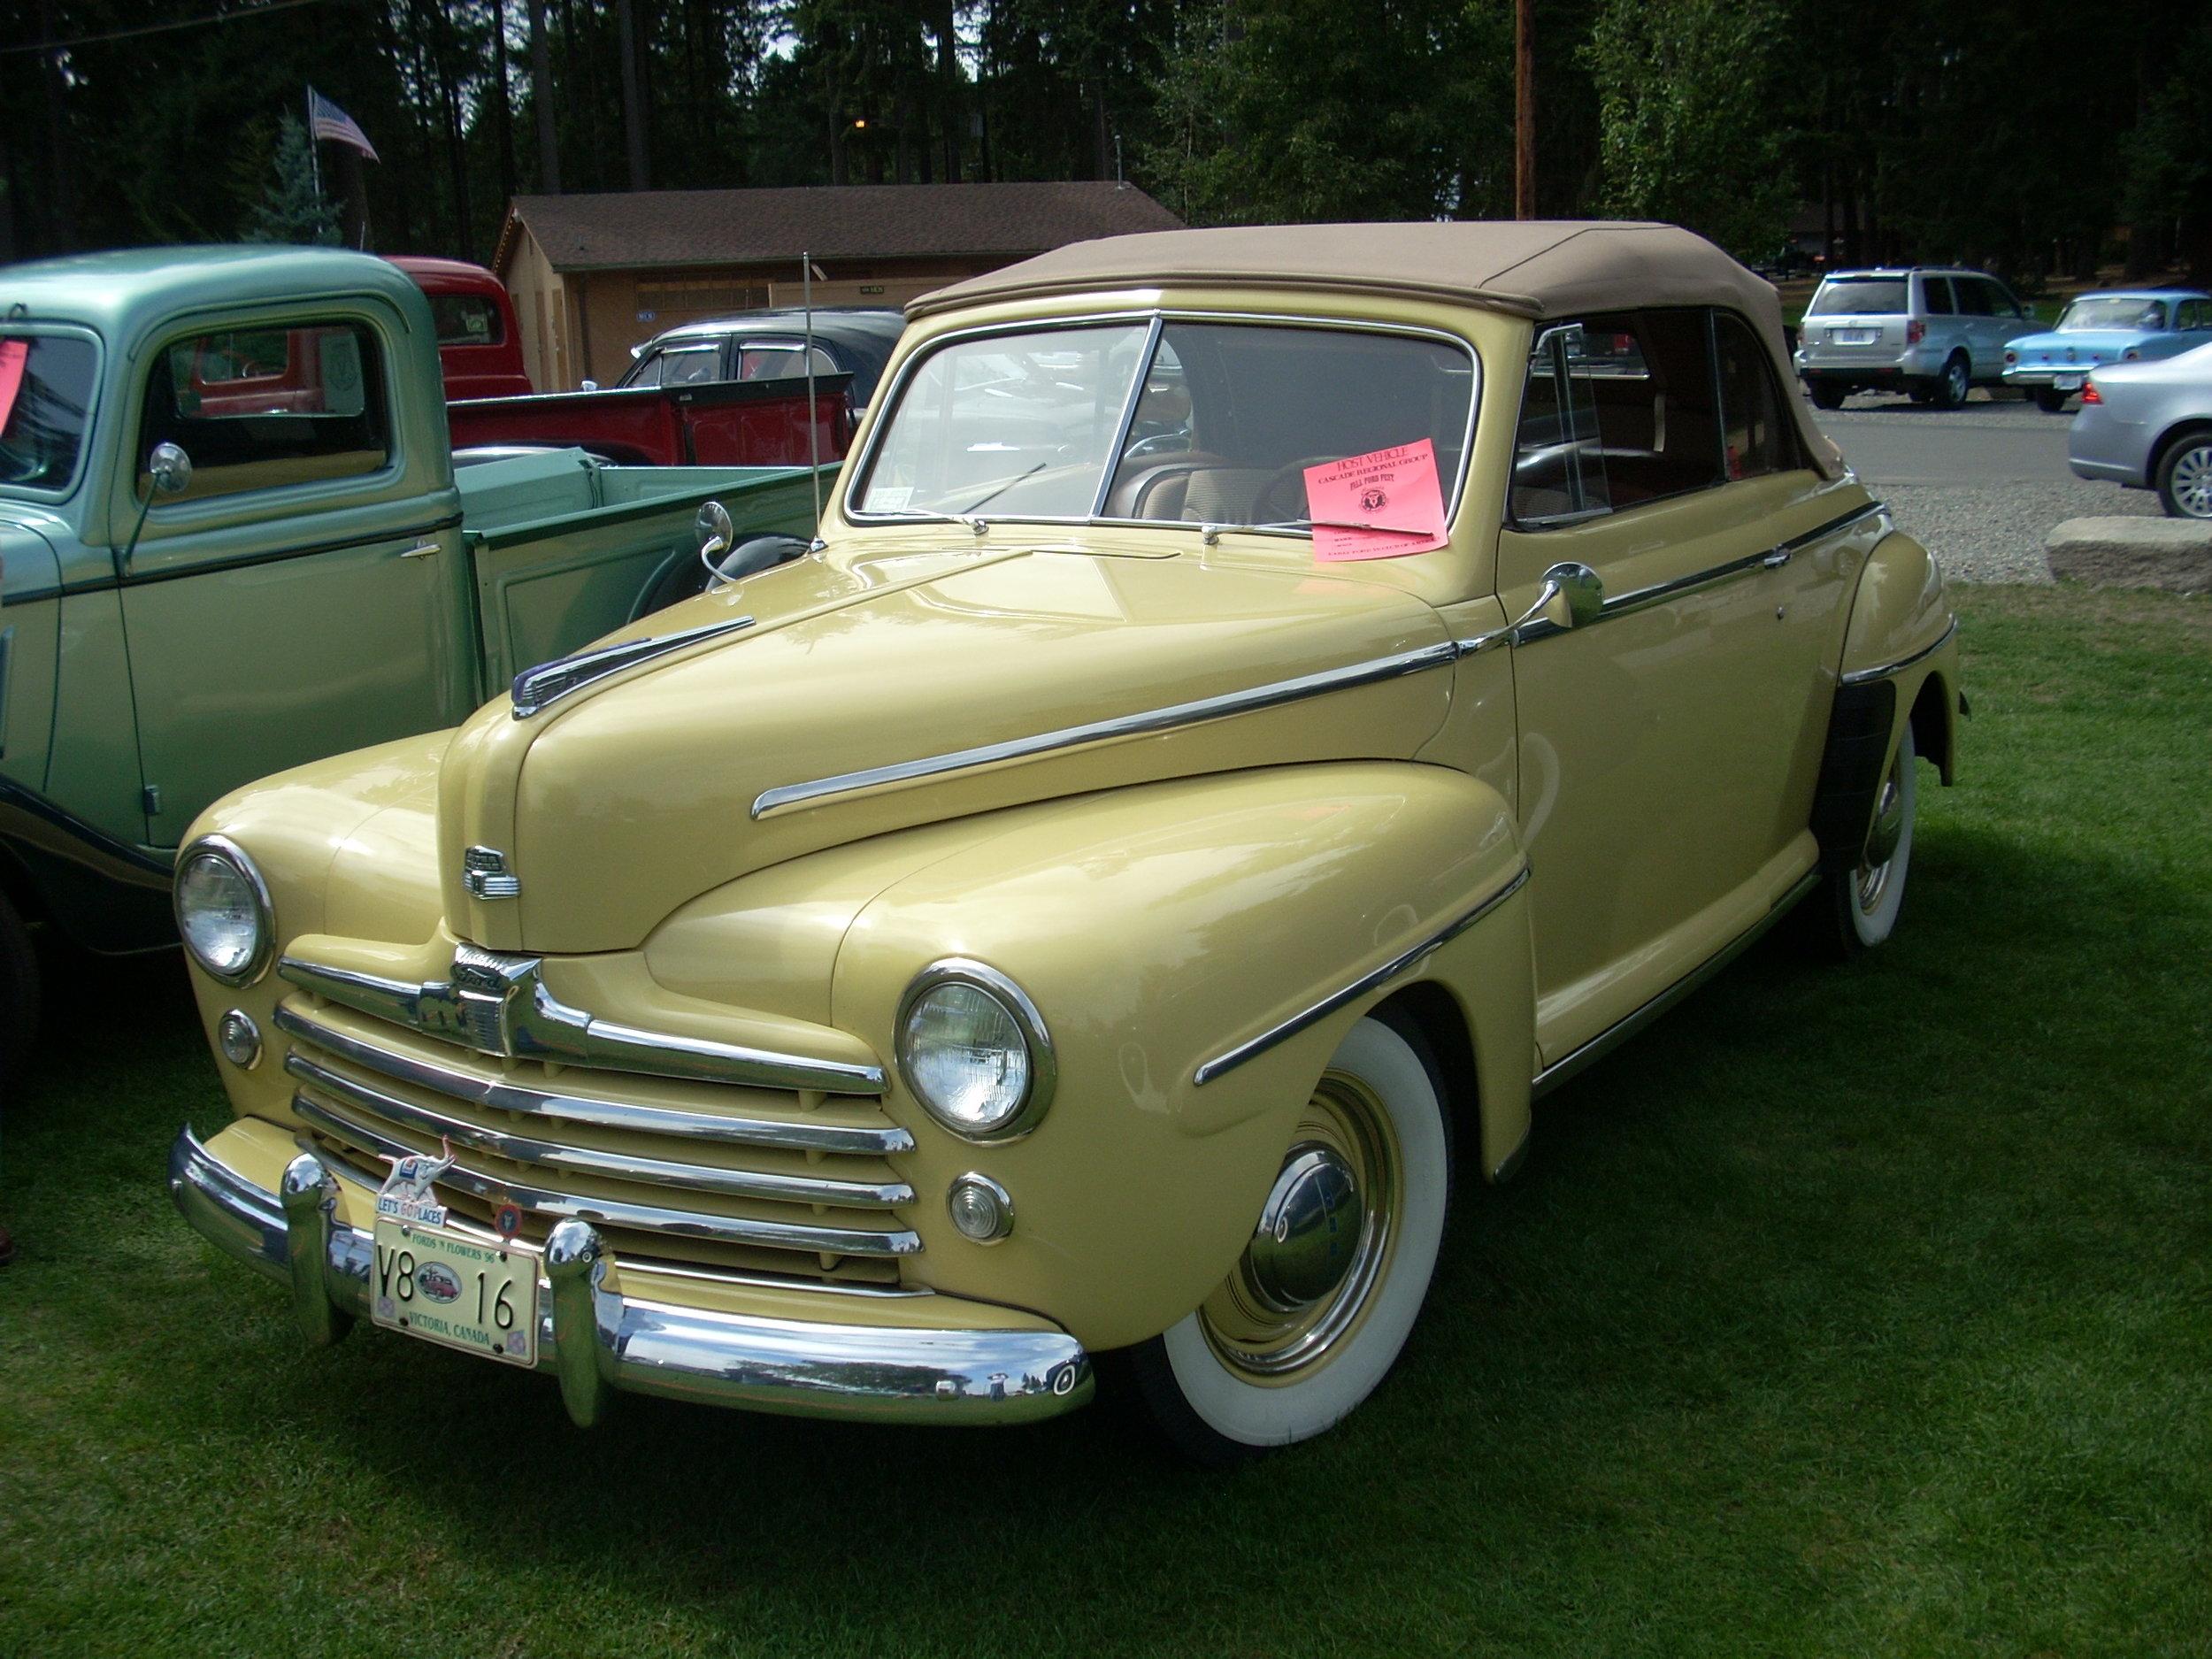 Bob Porter - 1948 Ford Convertible